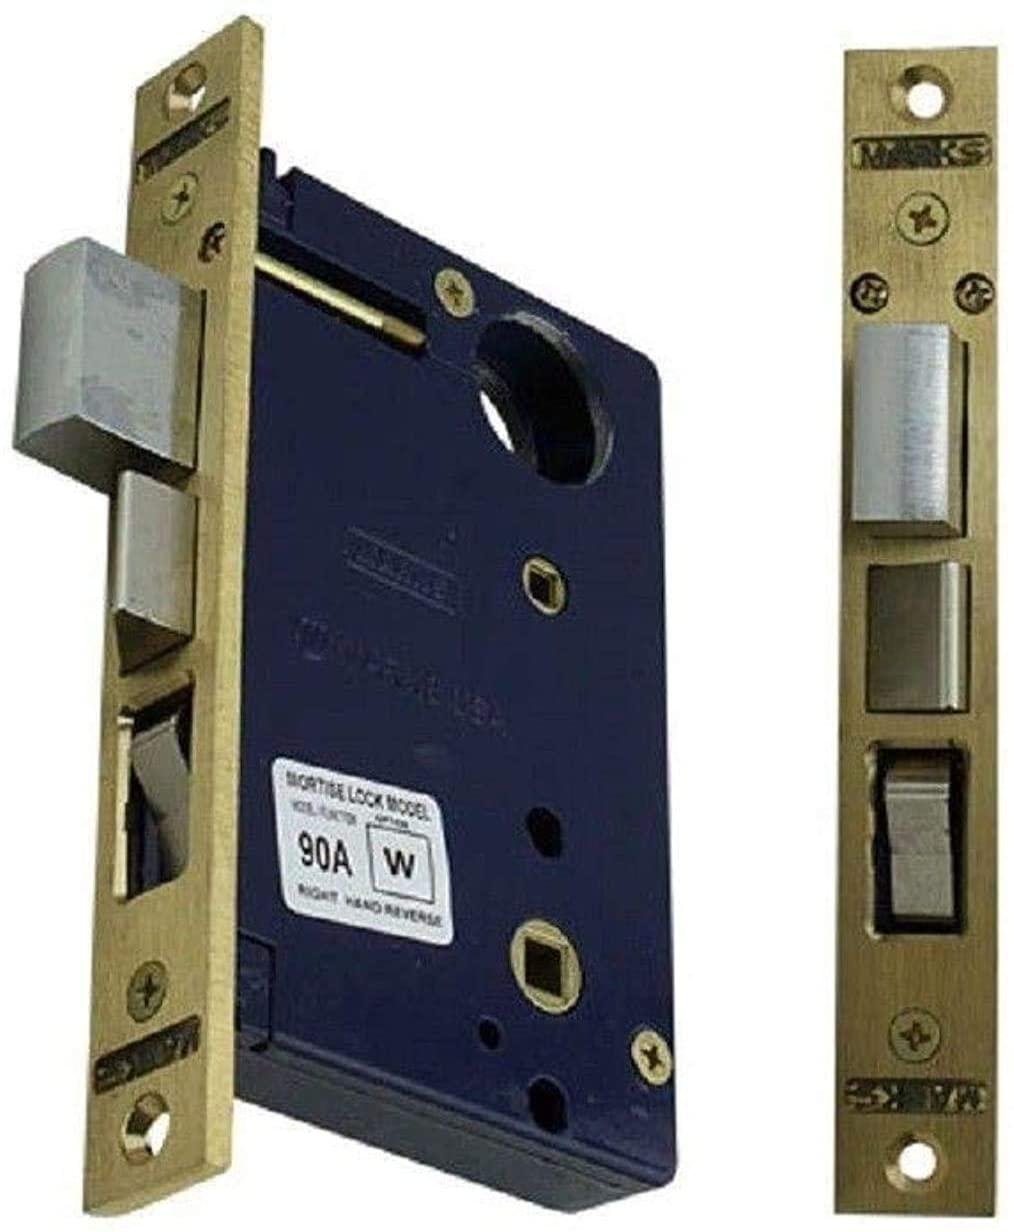 Marks Mortise Lock Body for Marks 22 AC Mortise Lock (Left Hand Reverse)